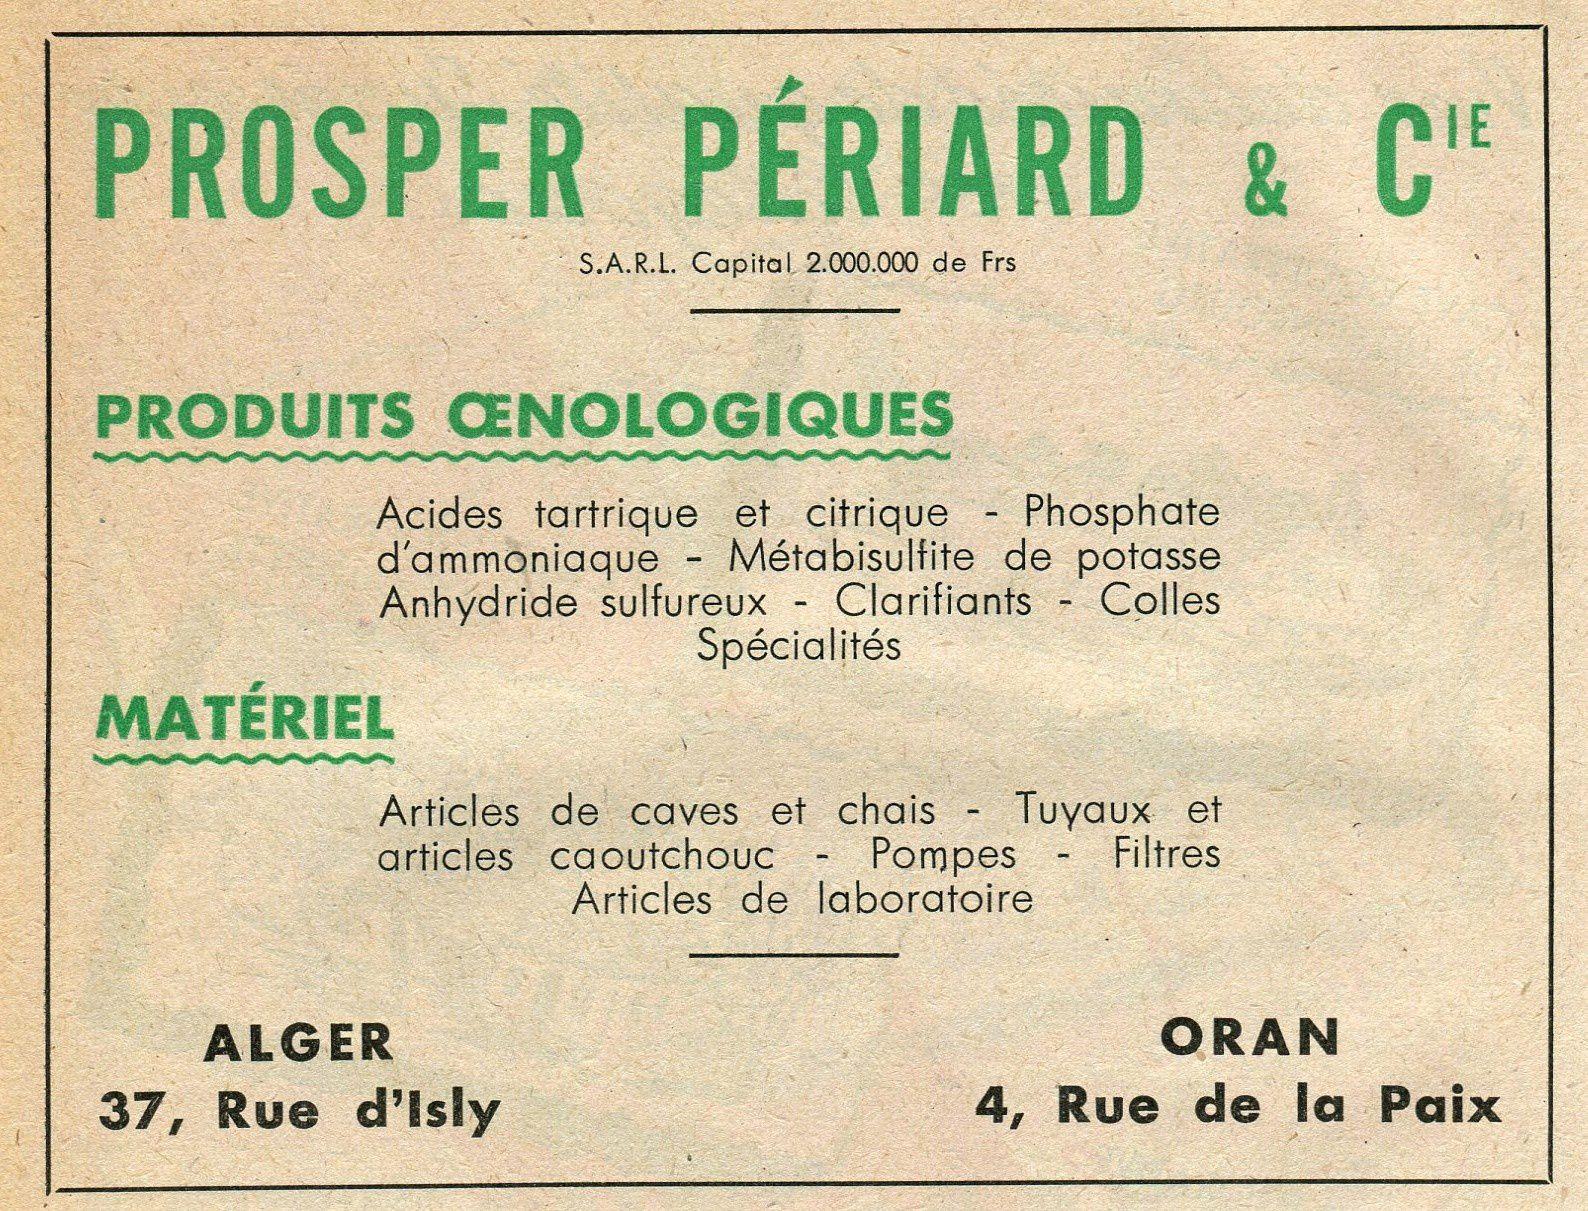 Publicités matériel et fournitures oenologiques 1947.